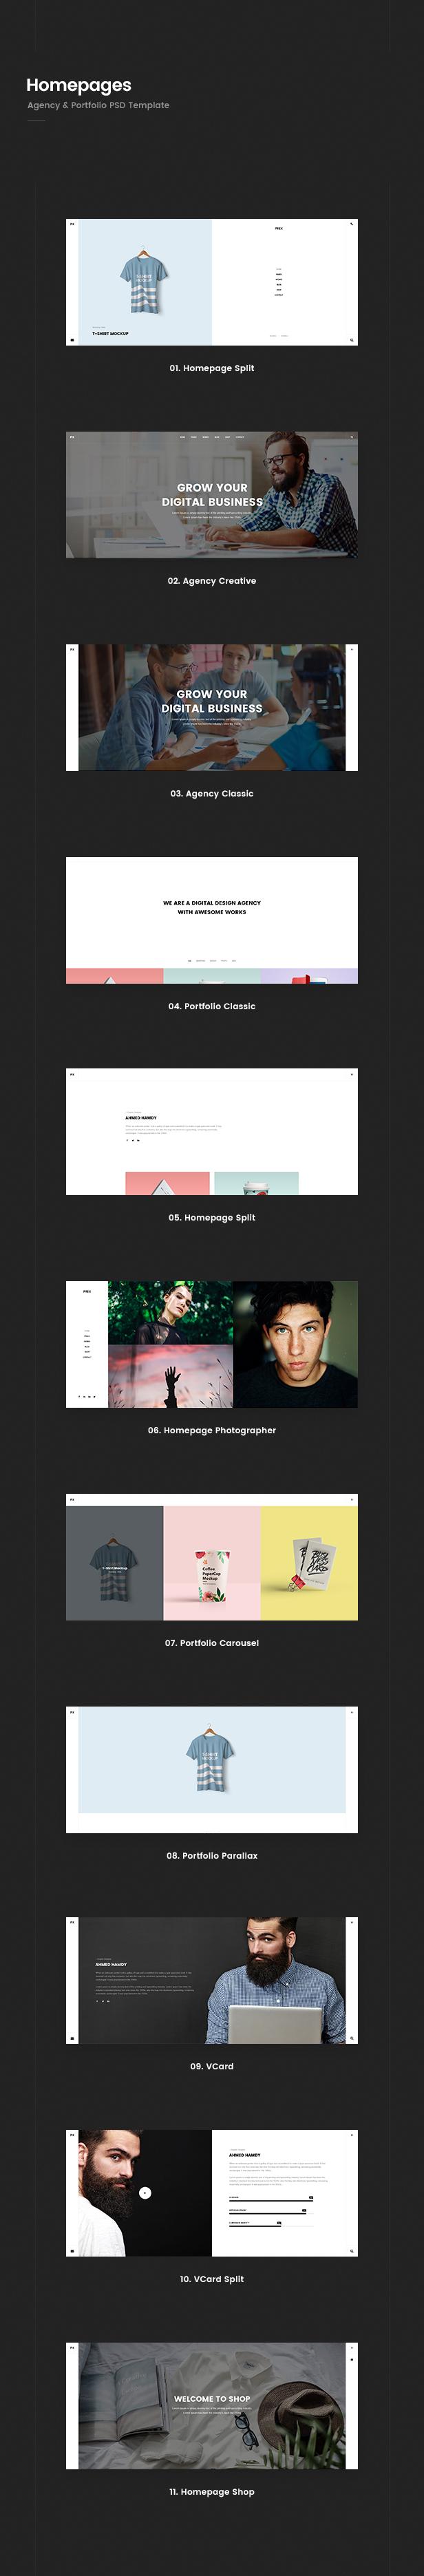 Prex | Creative Agency & Portfolio PSD Template - 1